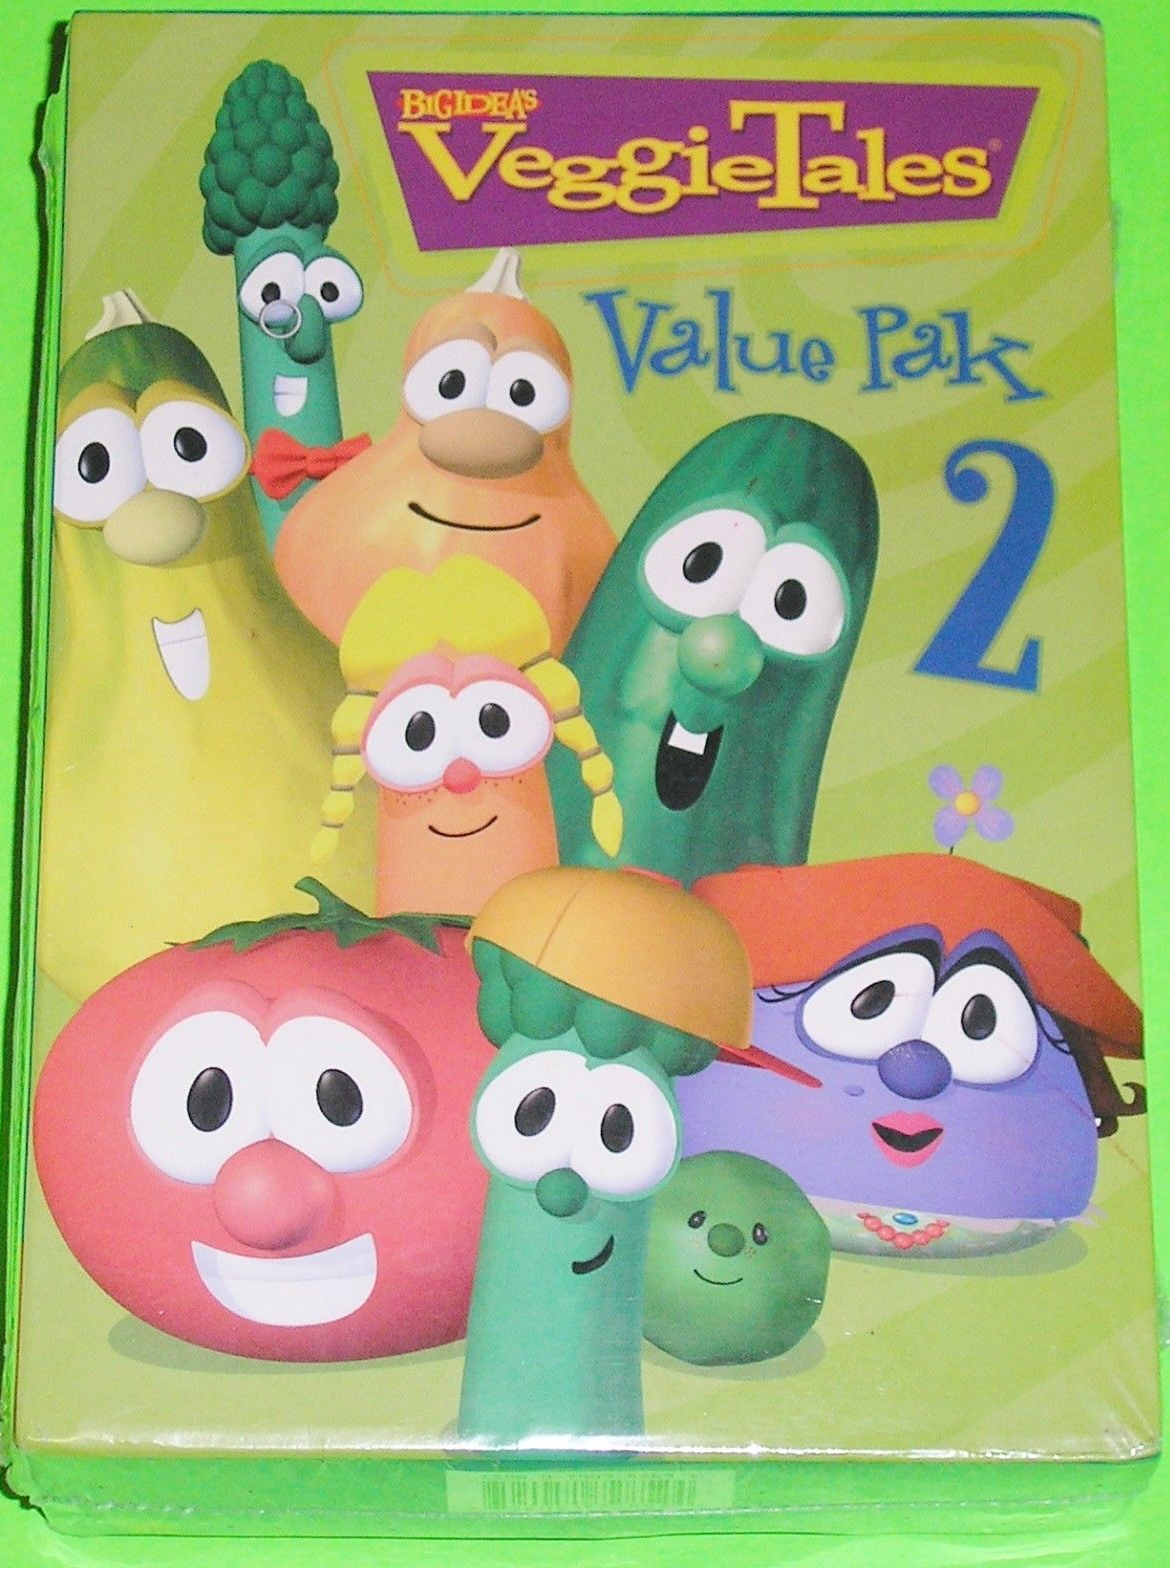 VeggieTales: Value Pak 2